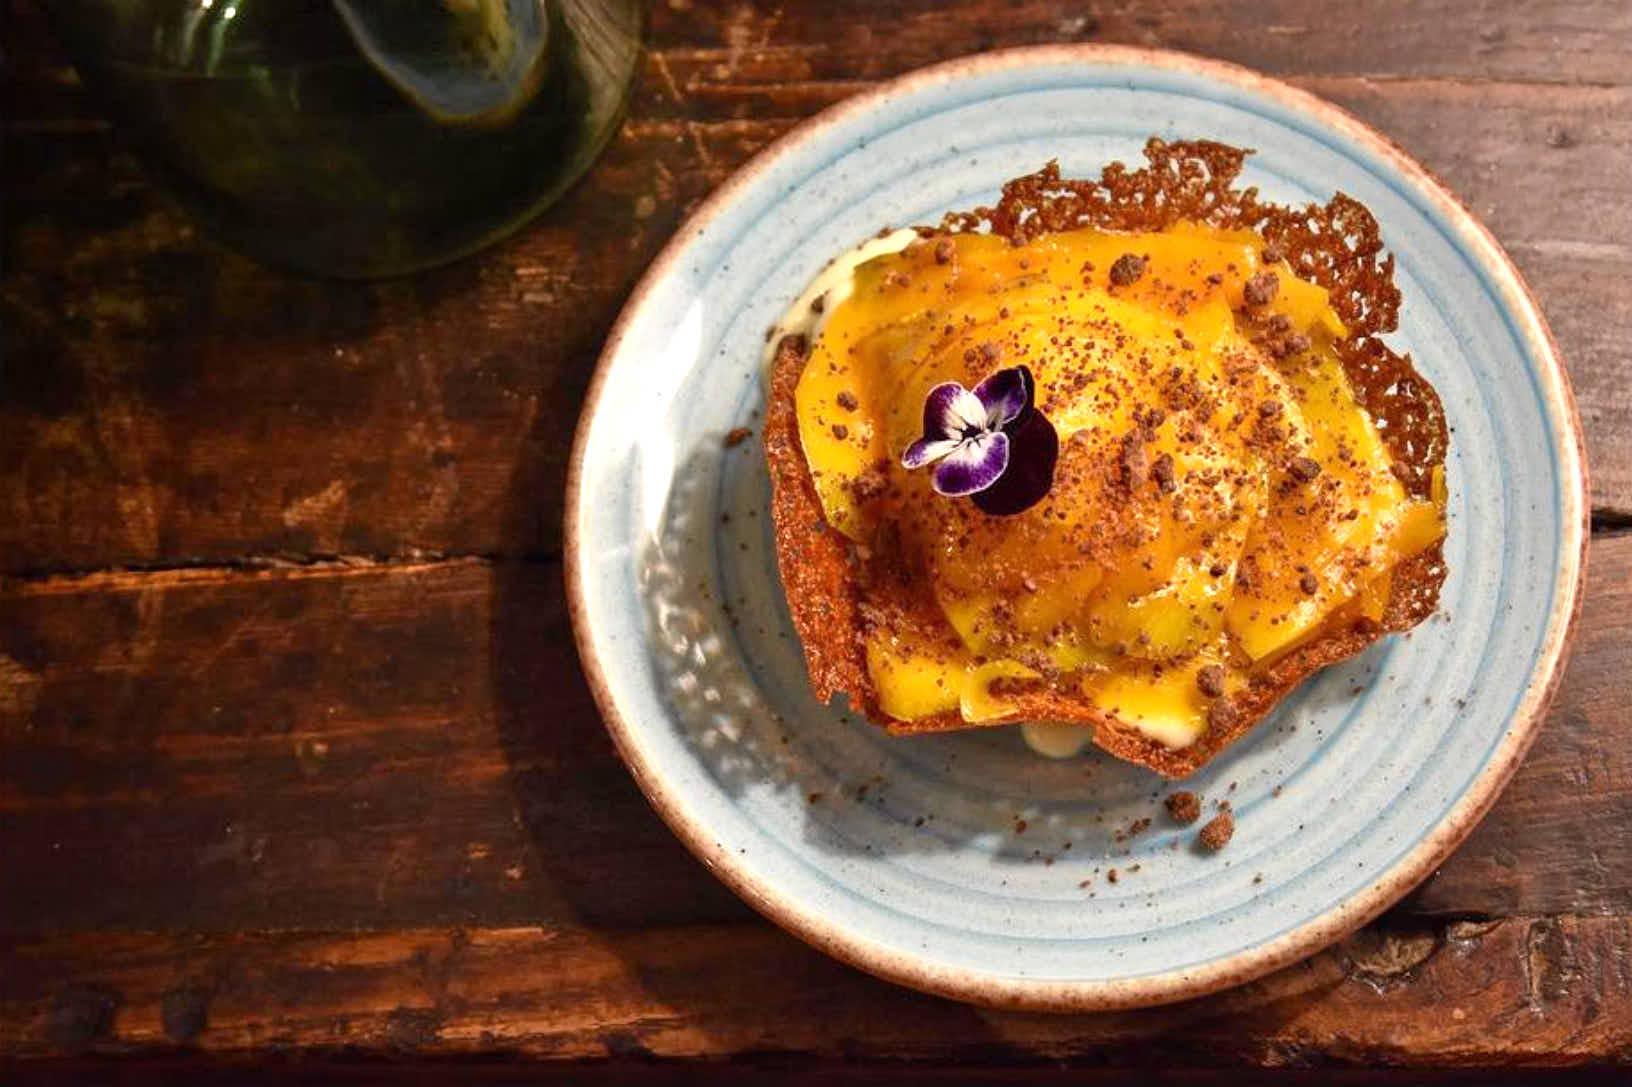 Galleta de naranja mango y crema inglesa del restaurante Molin de Mingo, en Peruyes, Cangas de Onis, Asturias